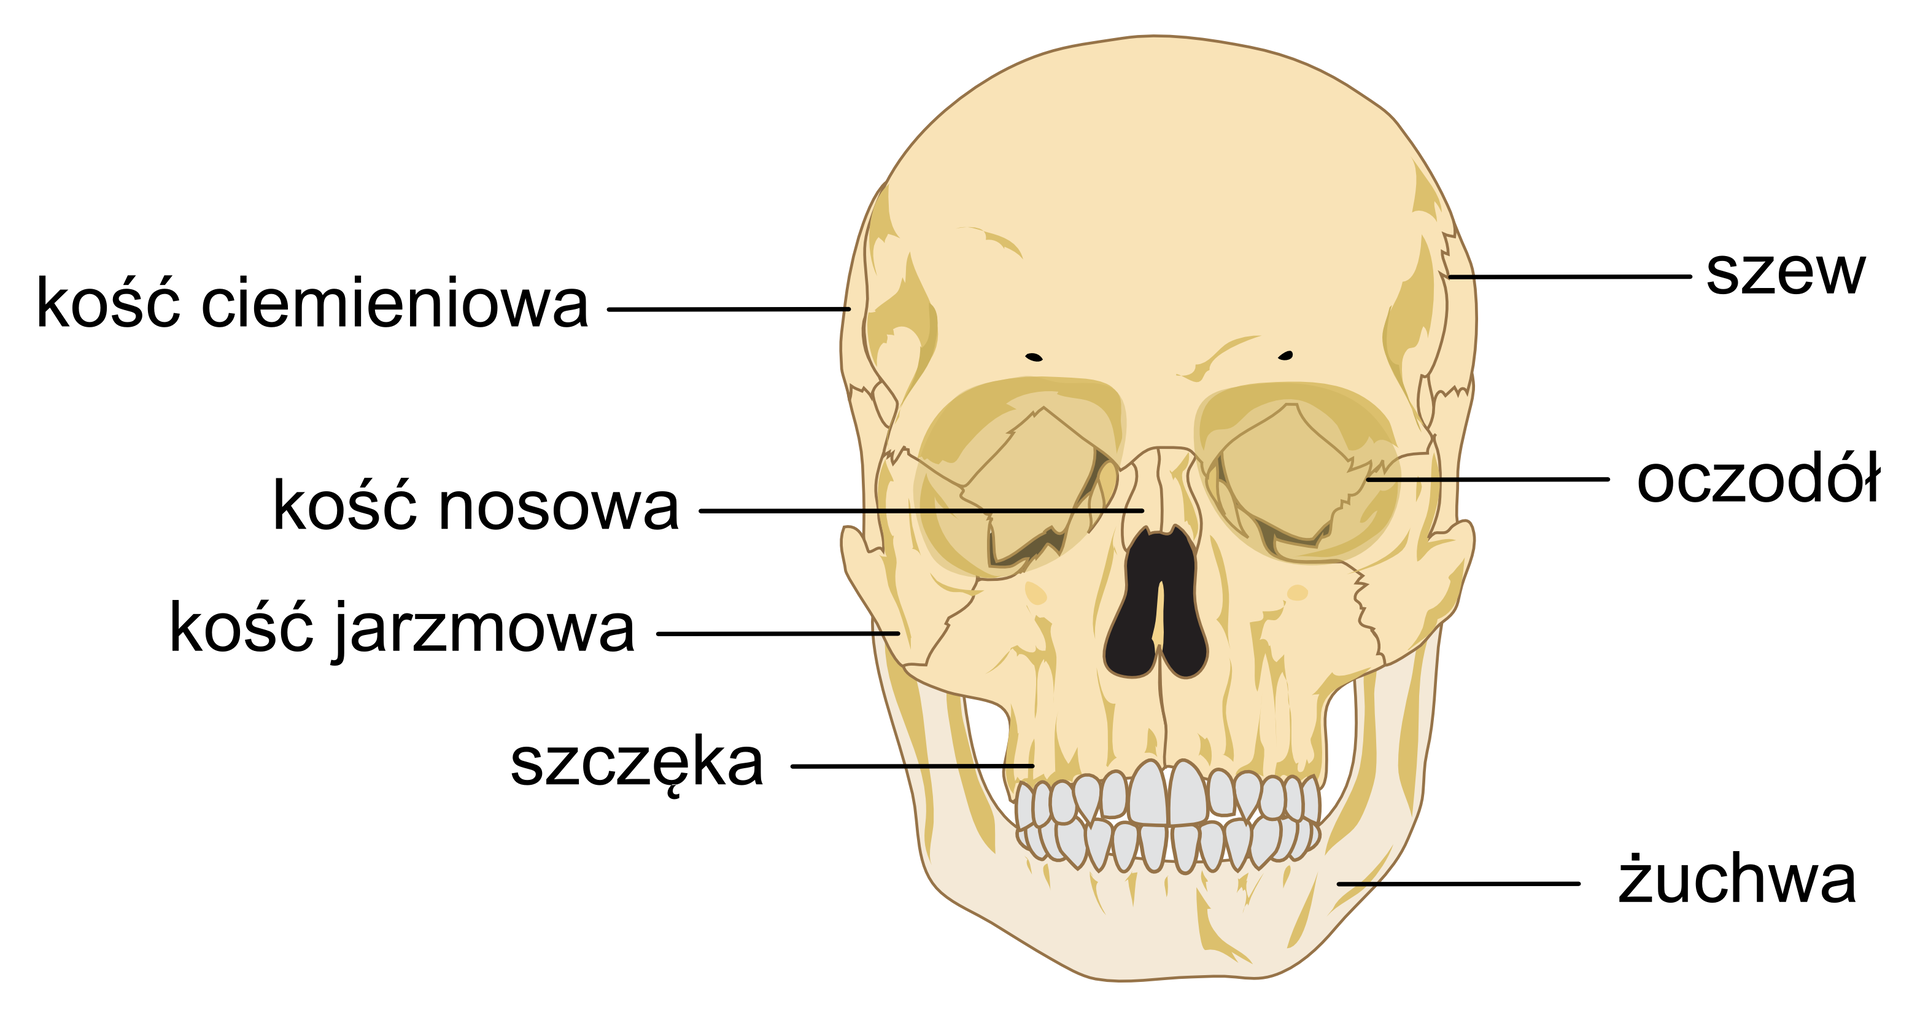 Ilustracja przedstawia widok ludzkiej czaszki zprzodu. Widać kości budujące część mózgową połaczone szwami. Pod częścią czołową oczodoły. Wdolnej części czaszki kości, na których są osadzone zęby.